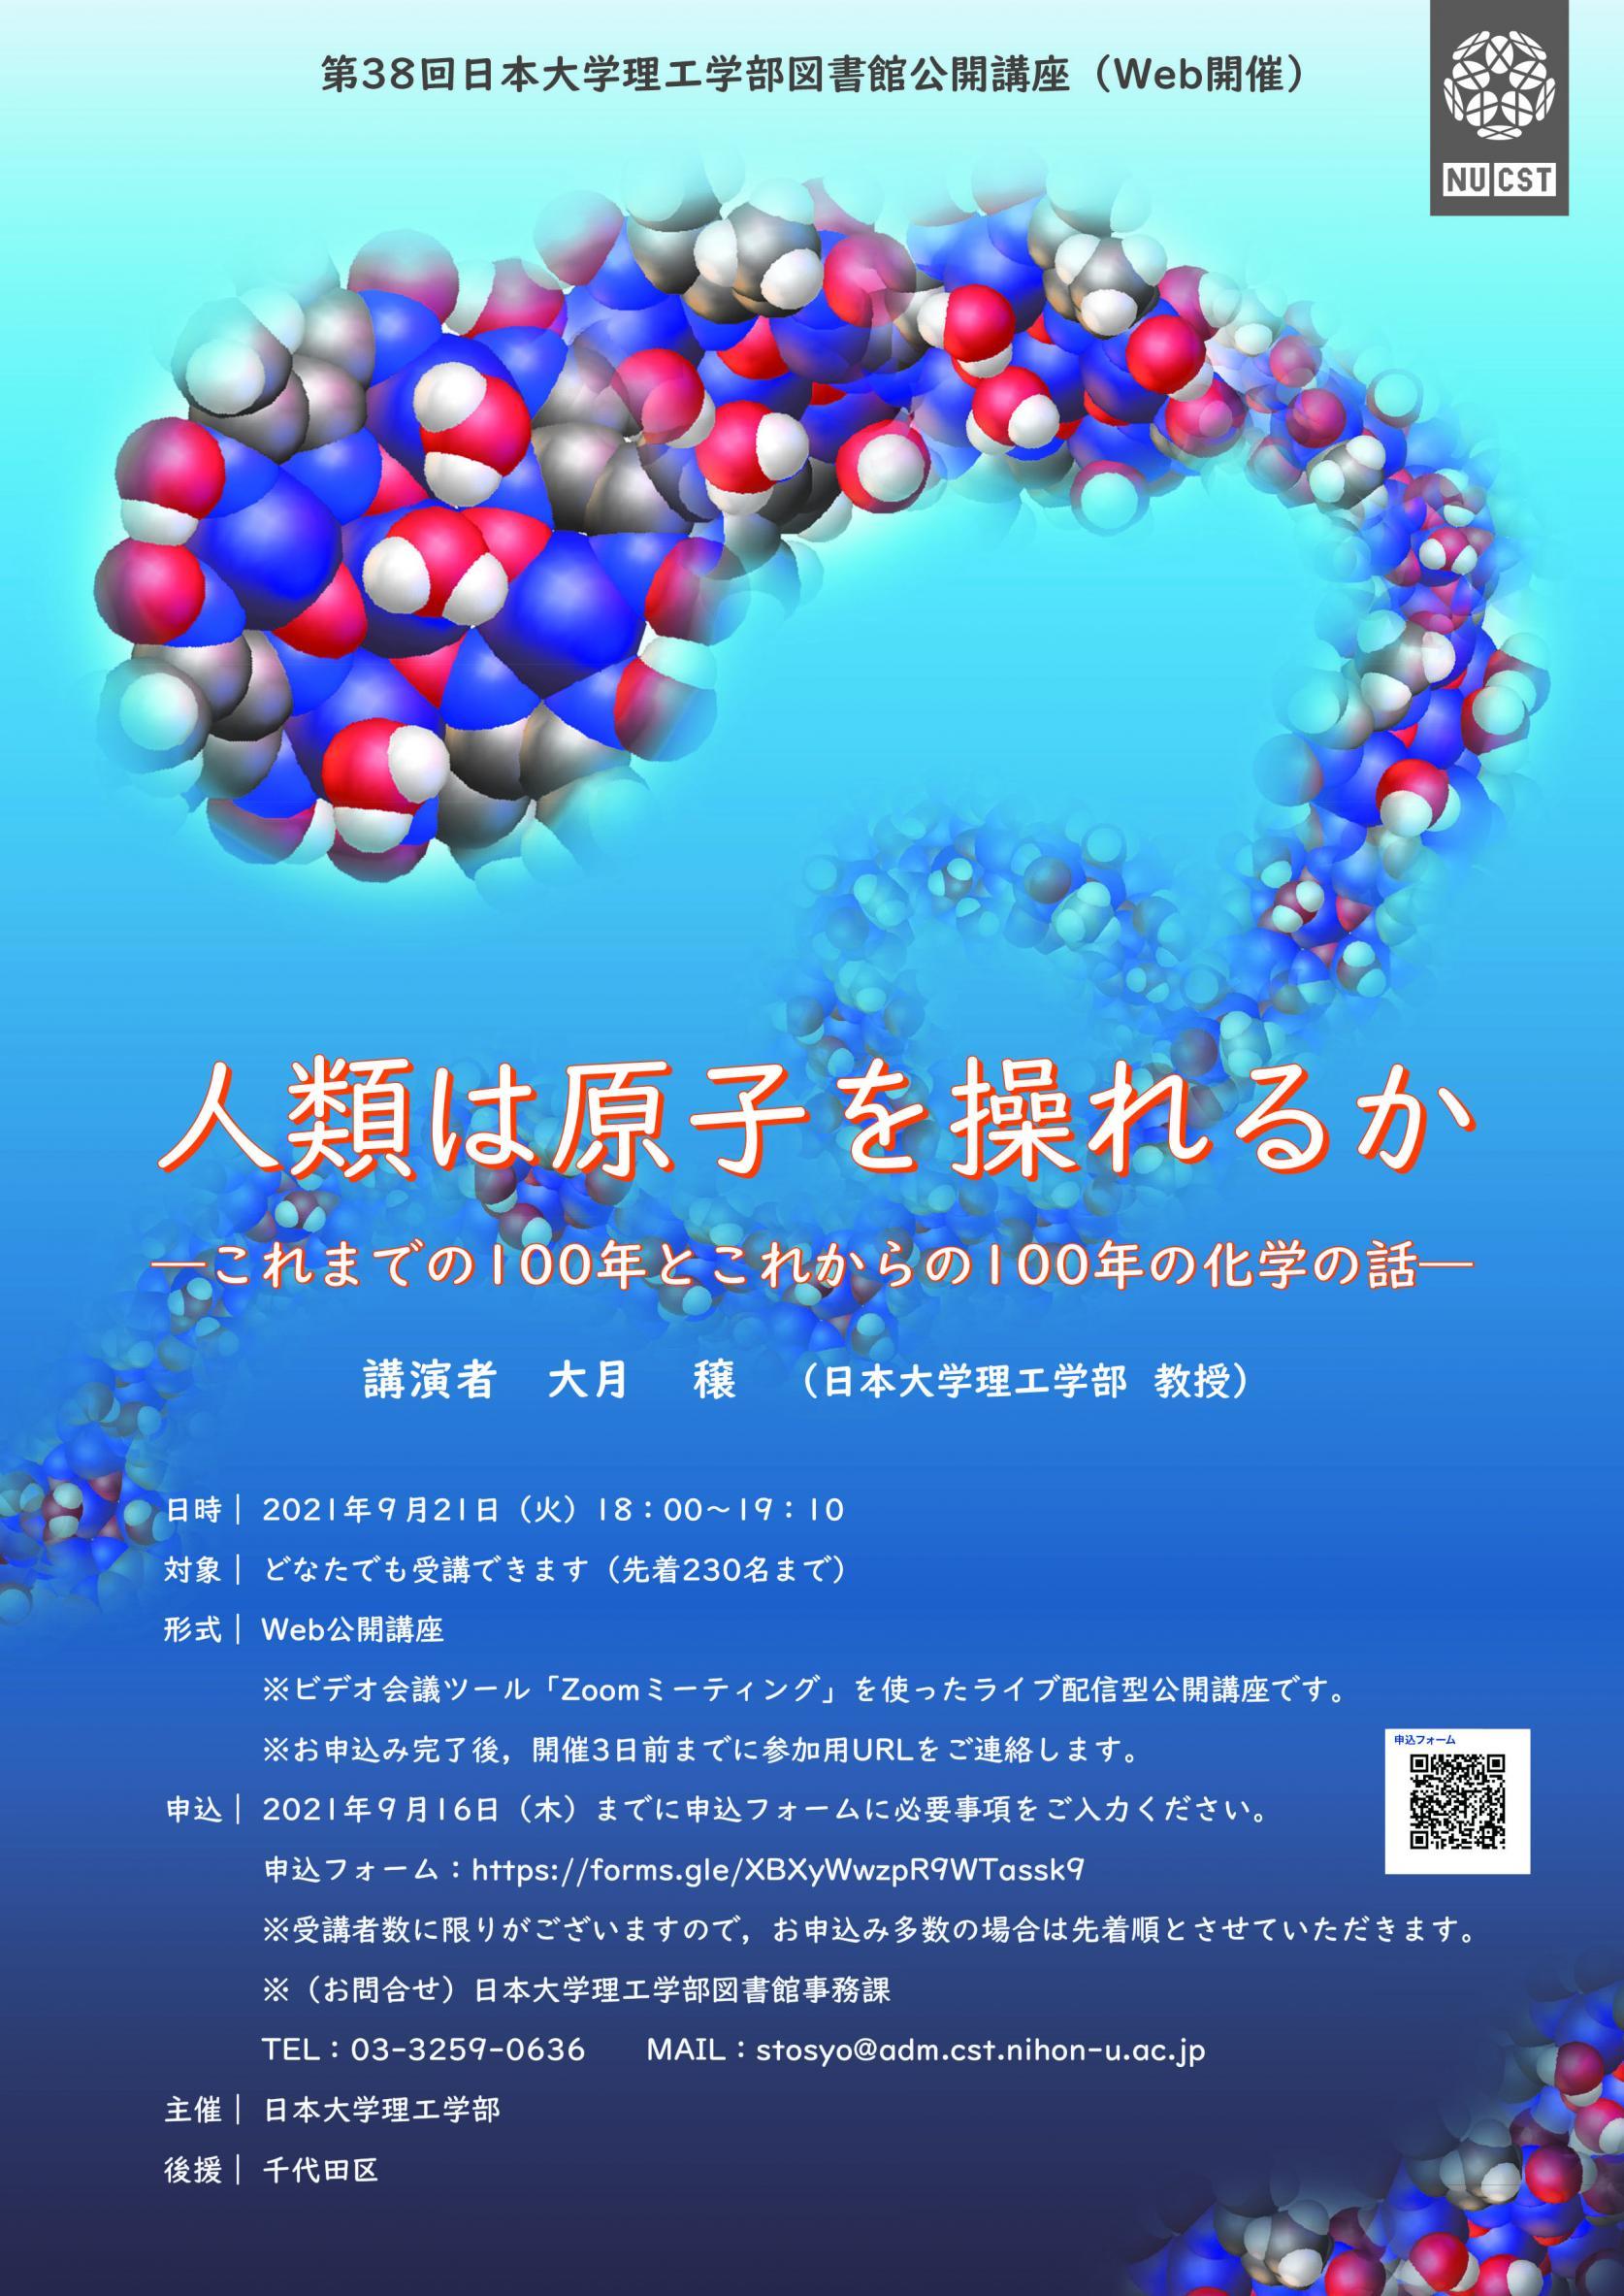 第38回日本大学理工学部図書館公開講座<br> 人類は原子を操れるか<br> ―これまでの100年とこれからの100年の化学の話―